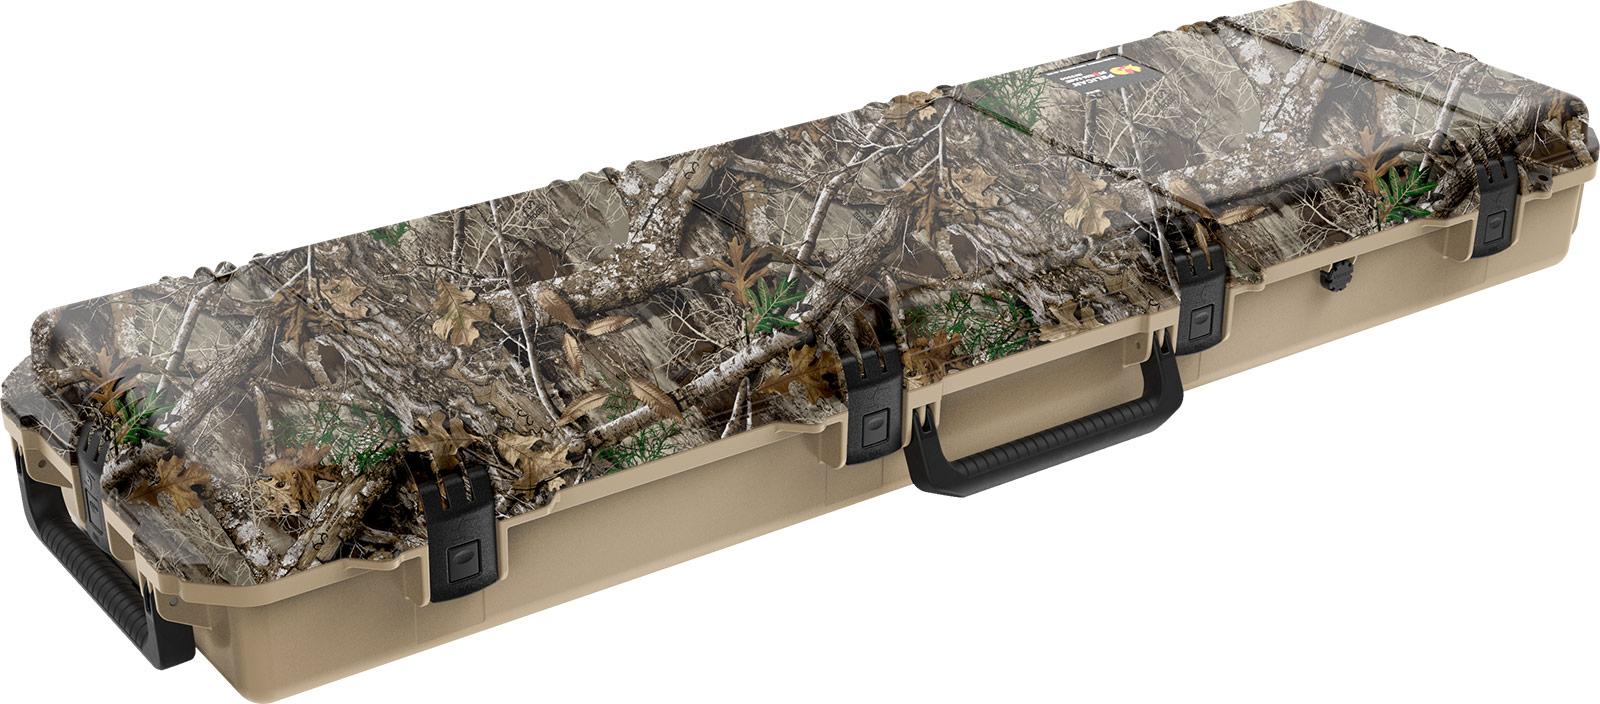 pelican storm im3300 long rifle case